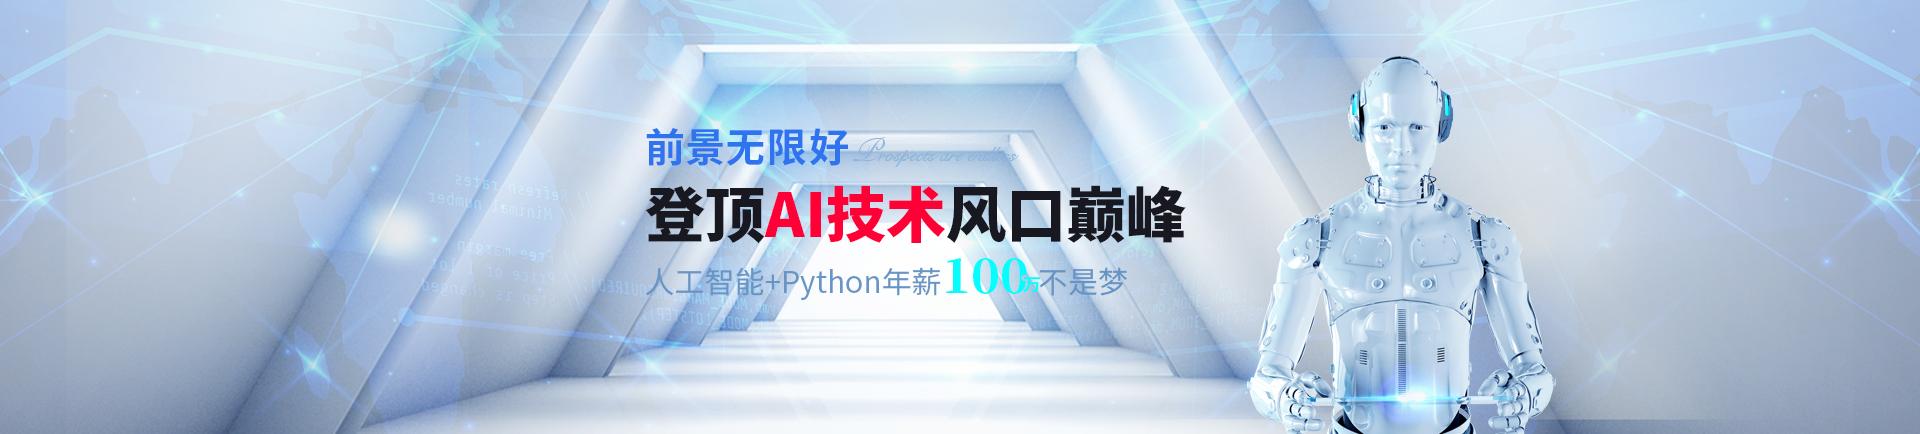 登顶AI技术风�巅峰 人工智能+Python年薪100万�是梦-guangzhou